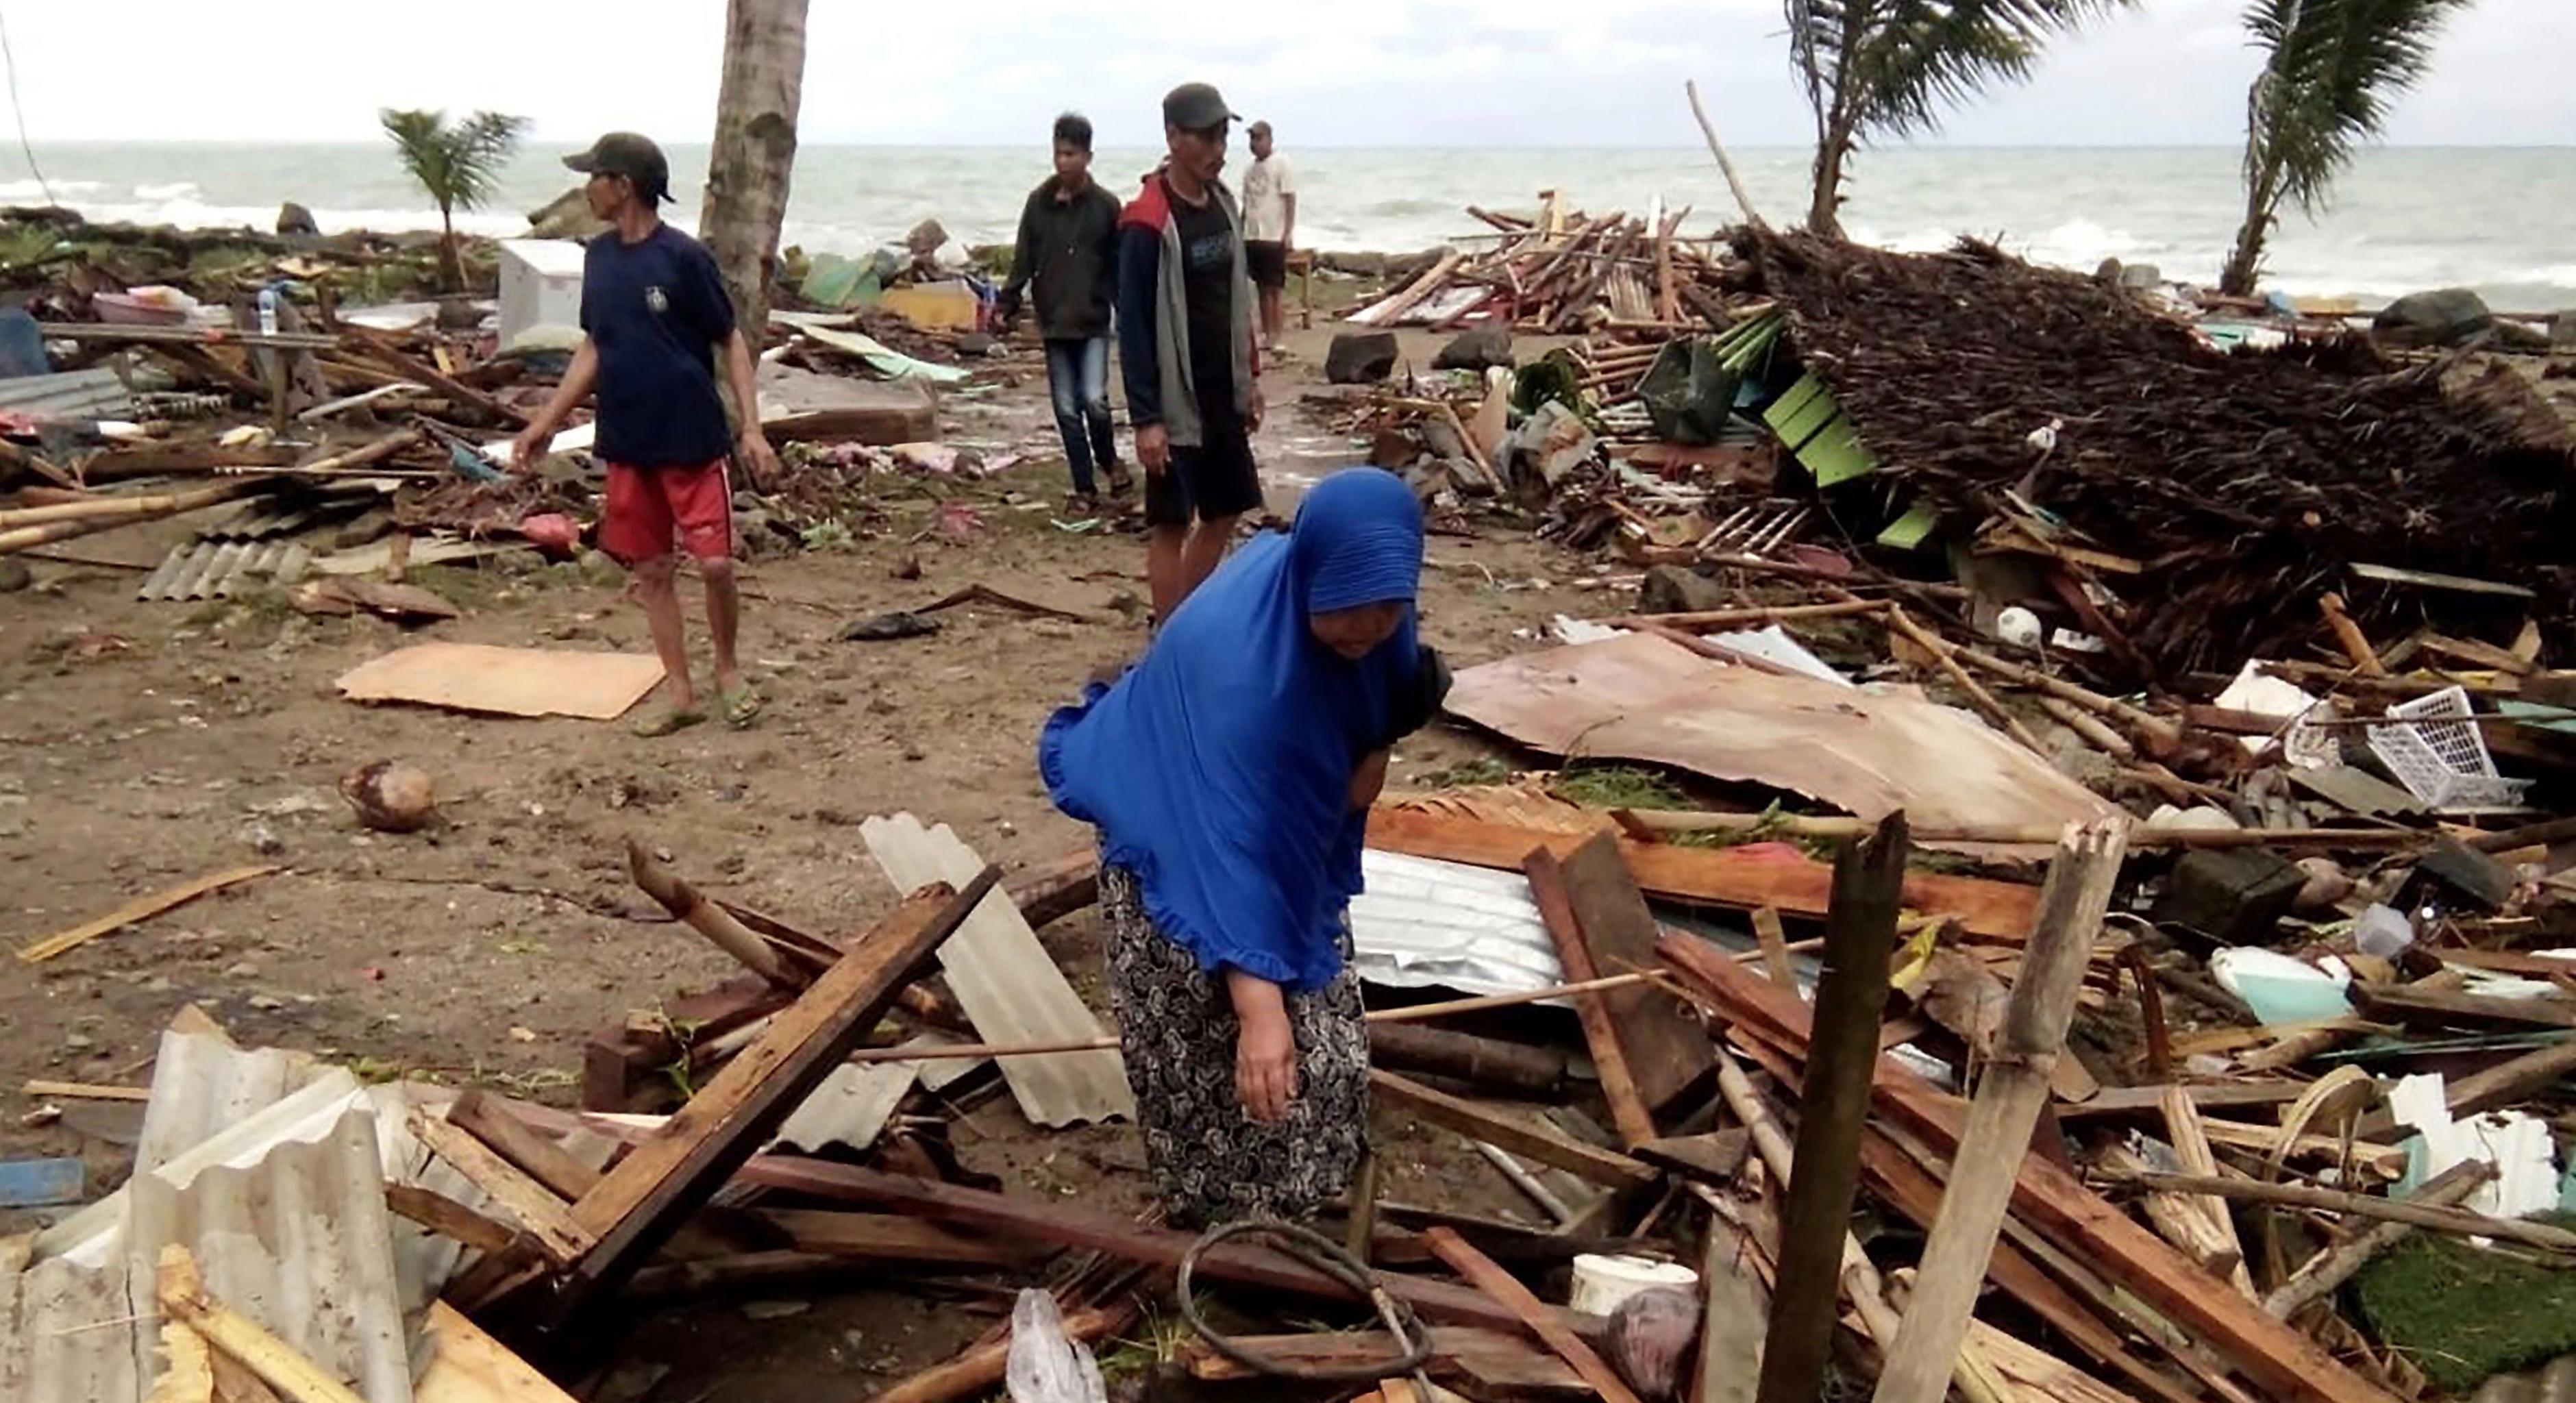 Bewohner inspizieren die Schäden an ihren Häusern am Strand von Carita, nachdem das Gebiet am 22. Dezember von einem Tsunami heimgesucht wurde.